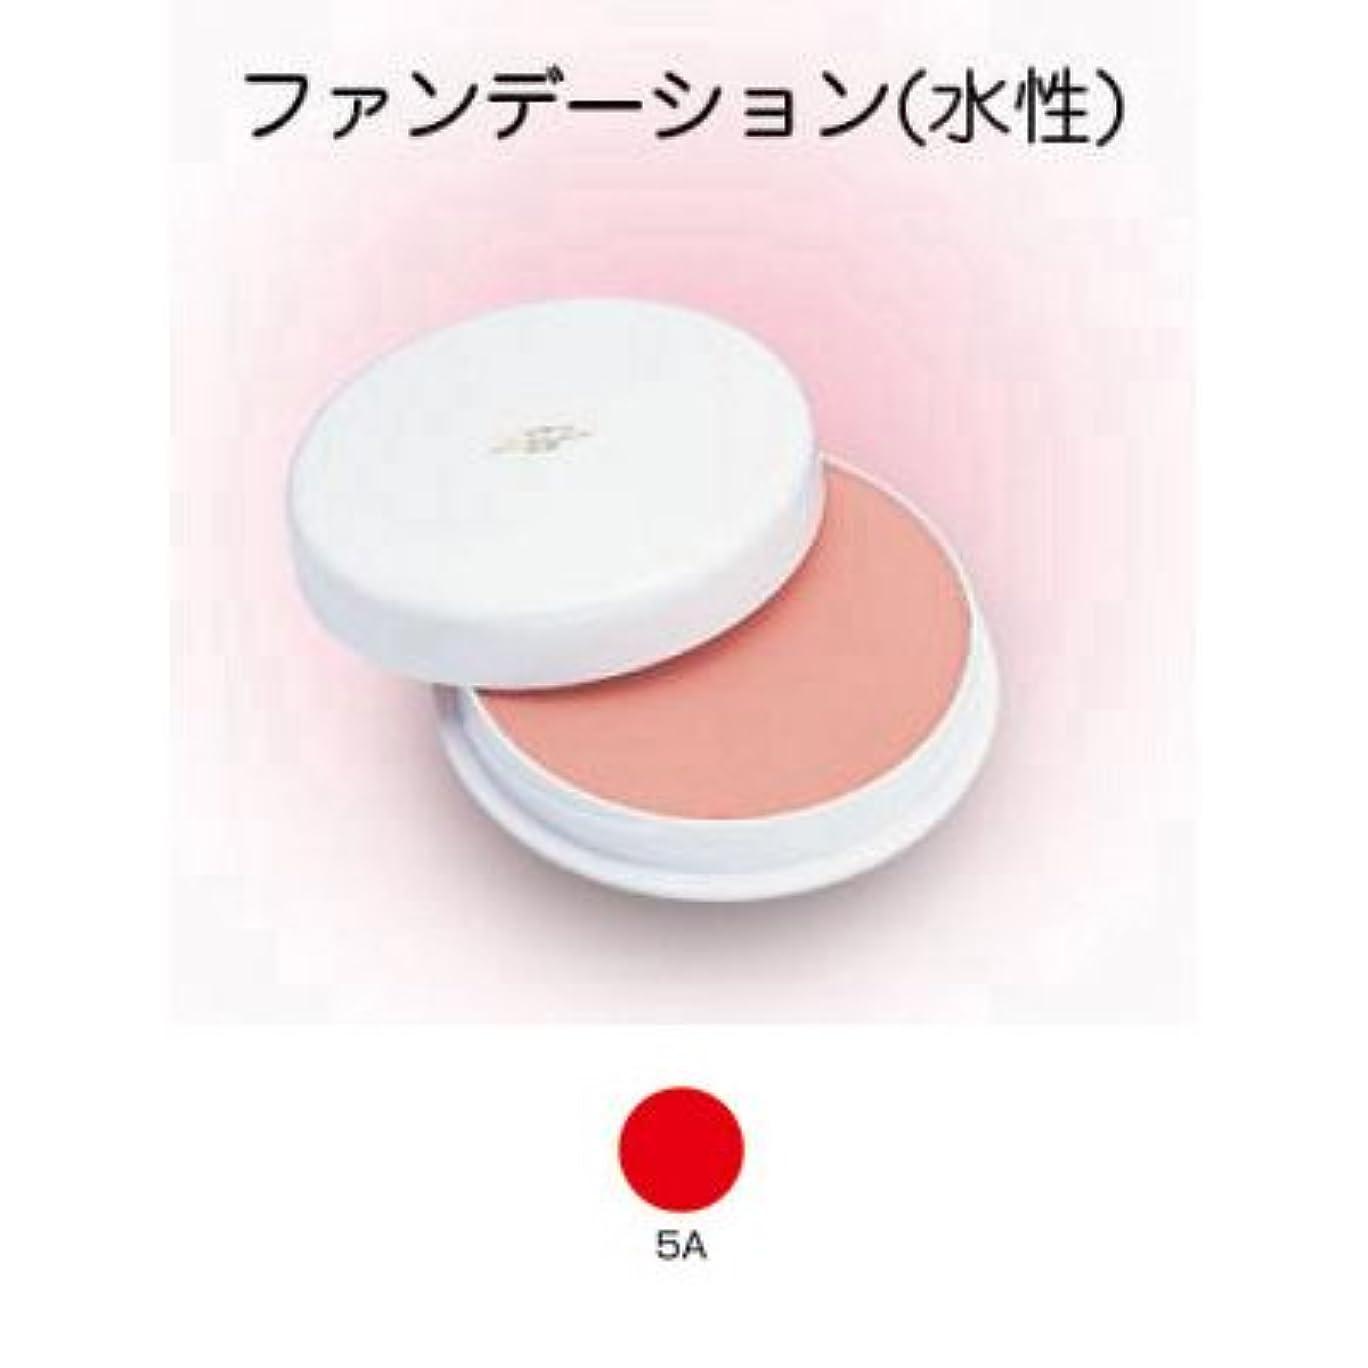 気分が良い寄託耐えられるフェースケーキ 60g 5A 【三善】